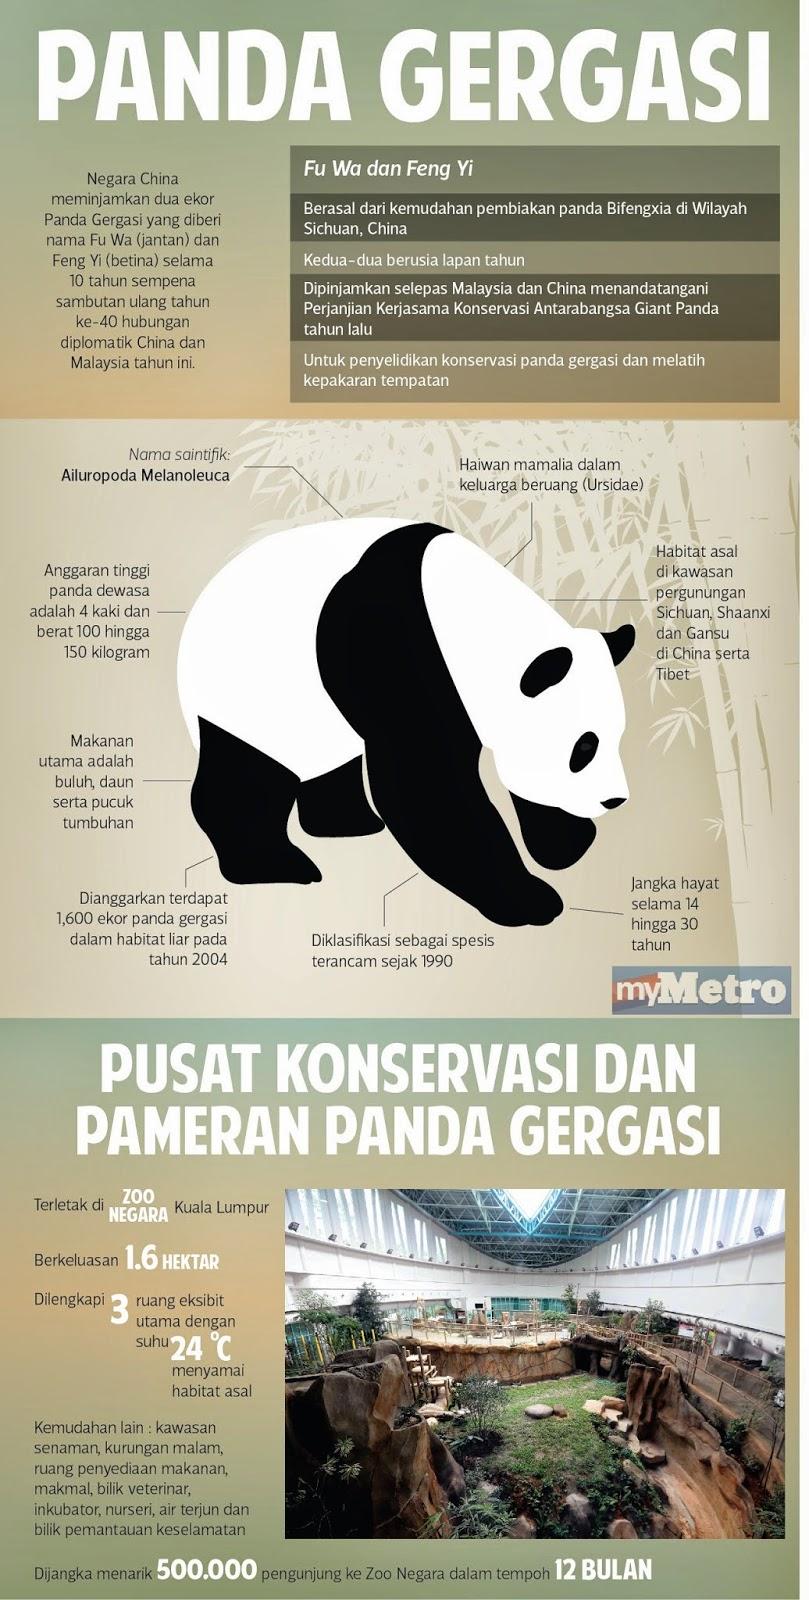 panda gergasi dari china